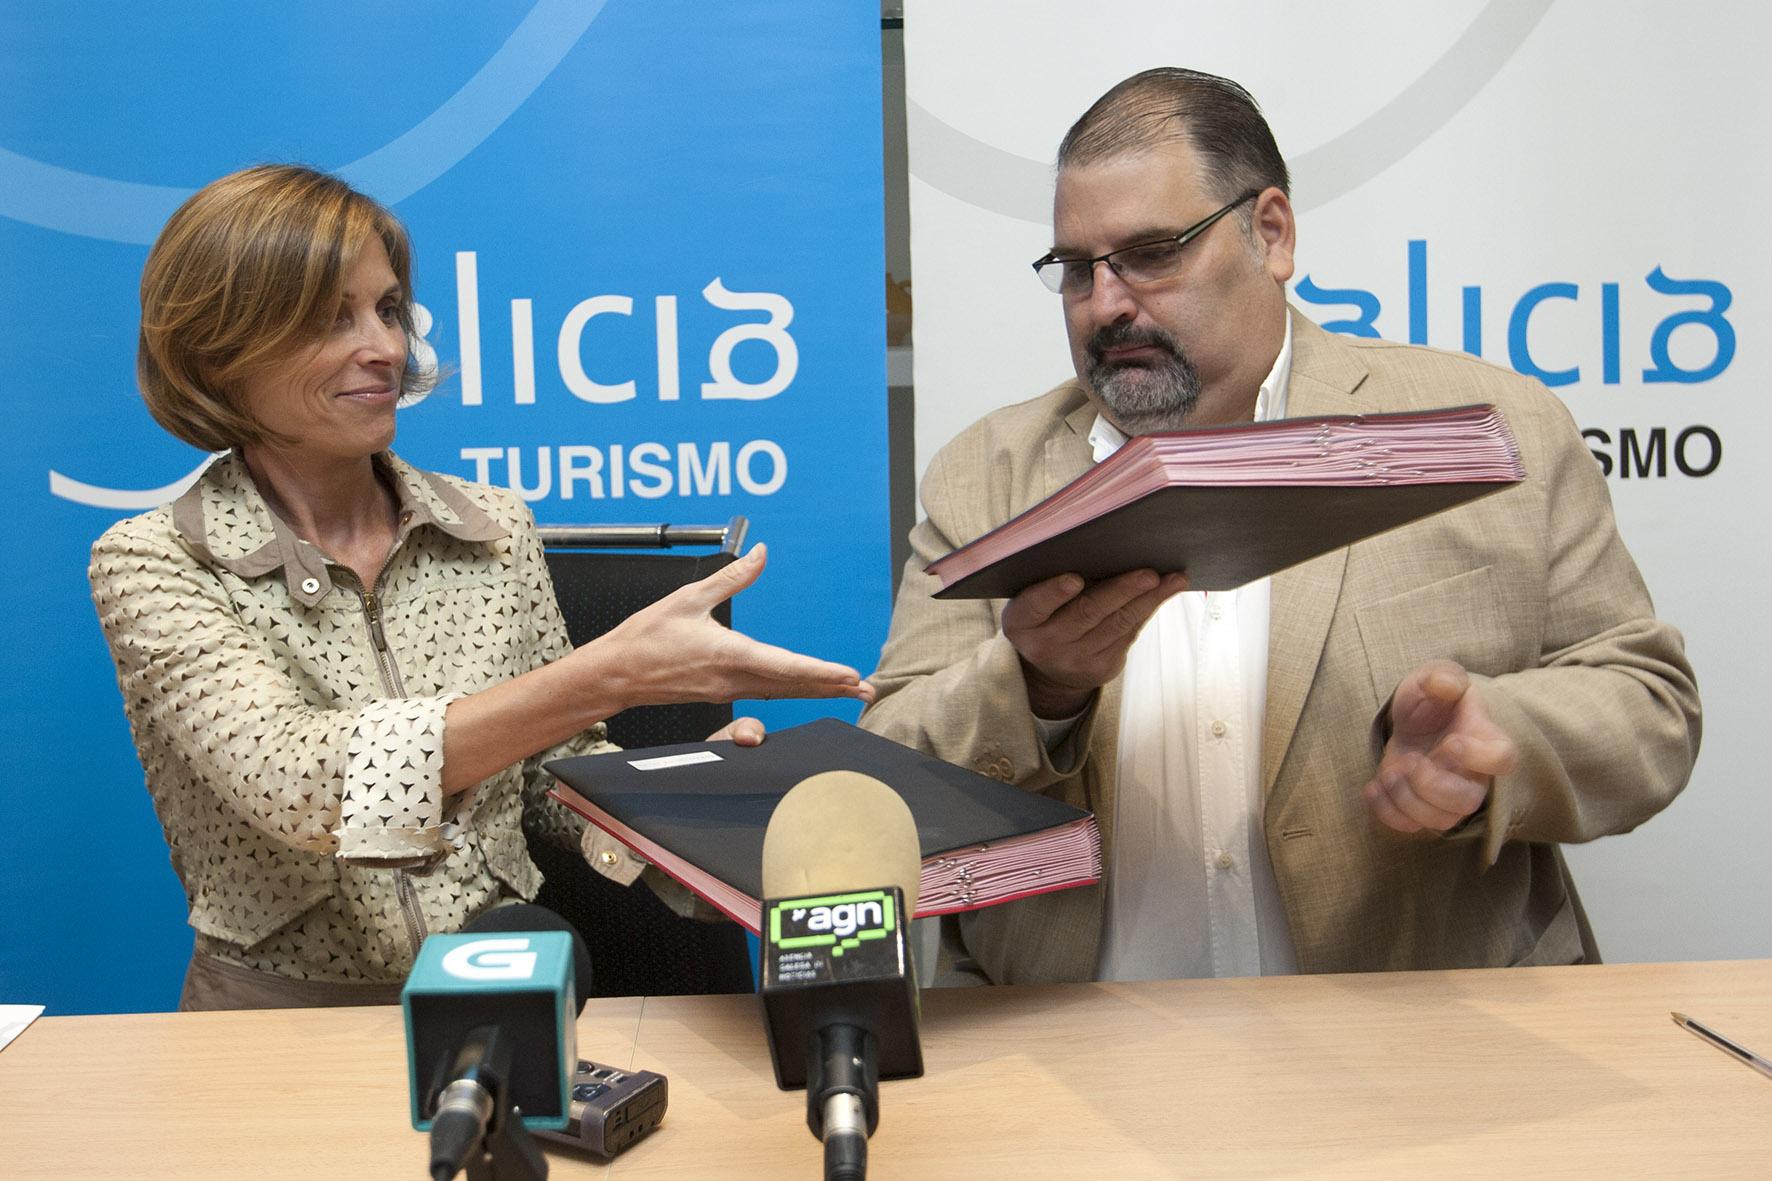 Nuevo convenio de colaboración entre Turismo de Galicia y Clúster del Turismo para la implantación de nuevas tecnologías y mejora de la formación del sector